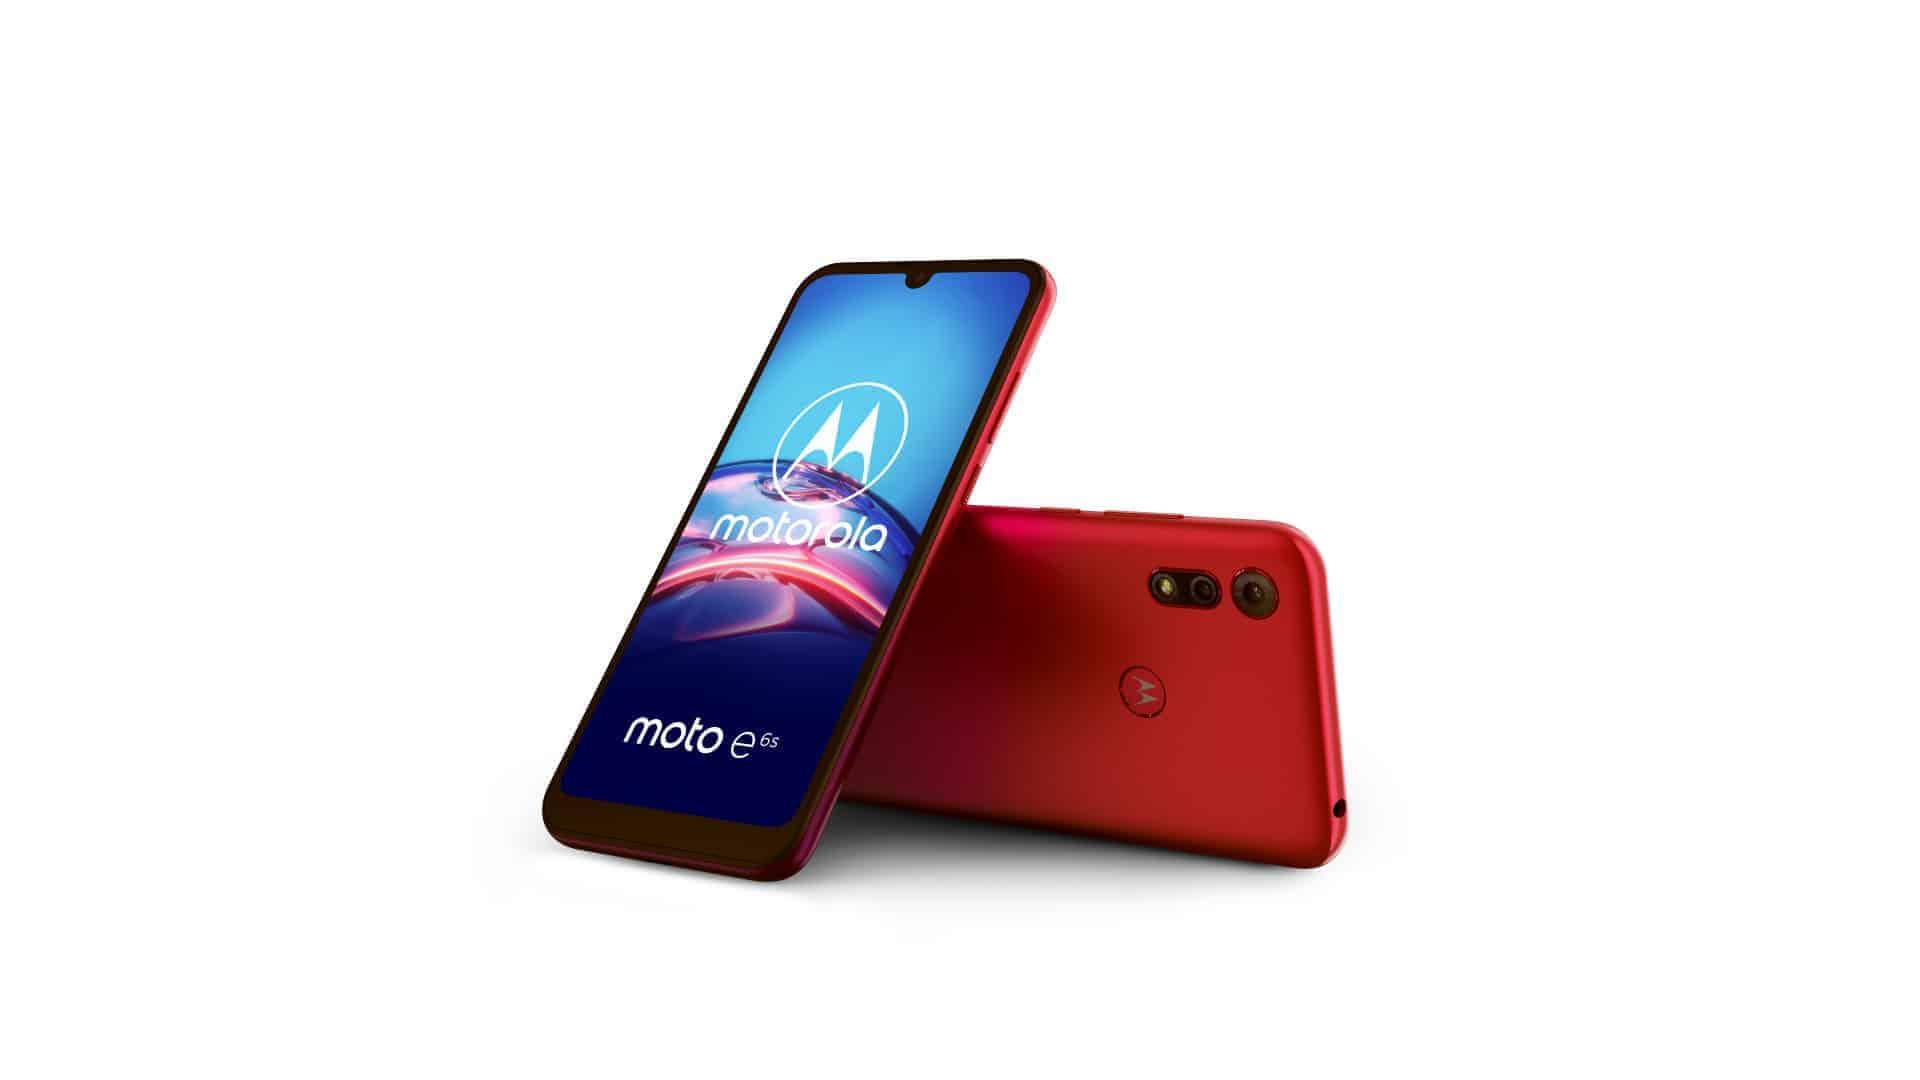 Motorola Moto e6s 14